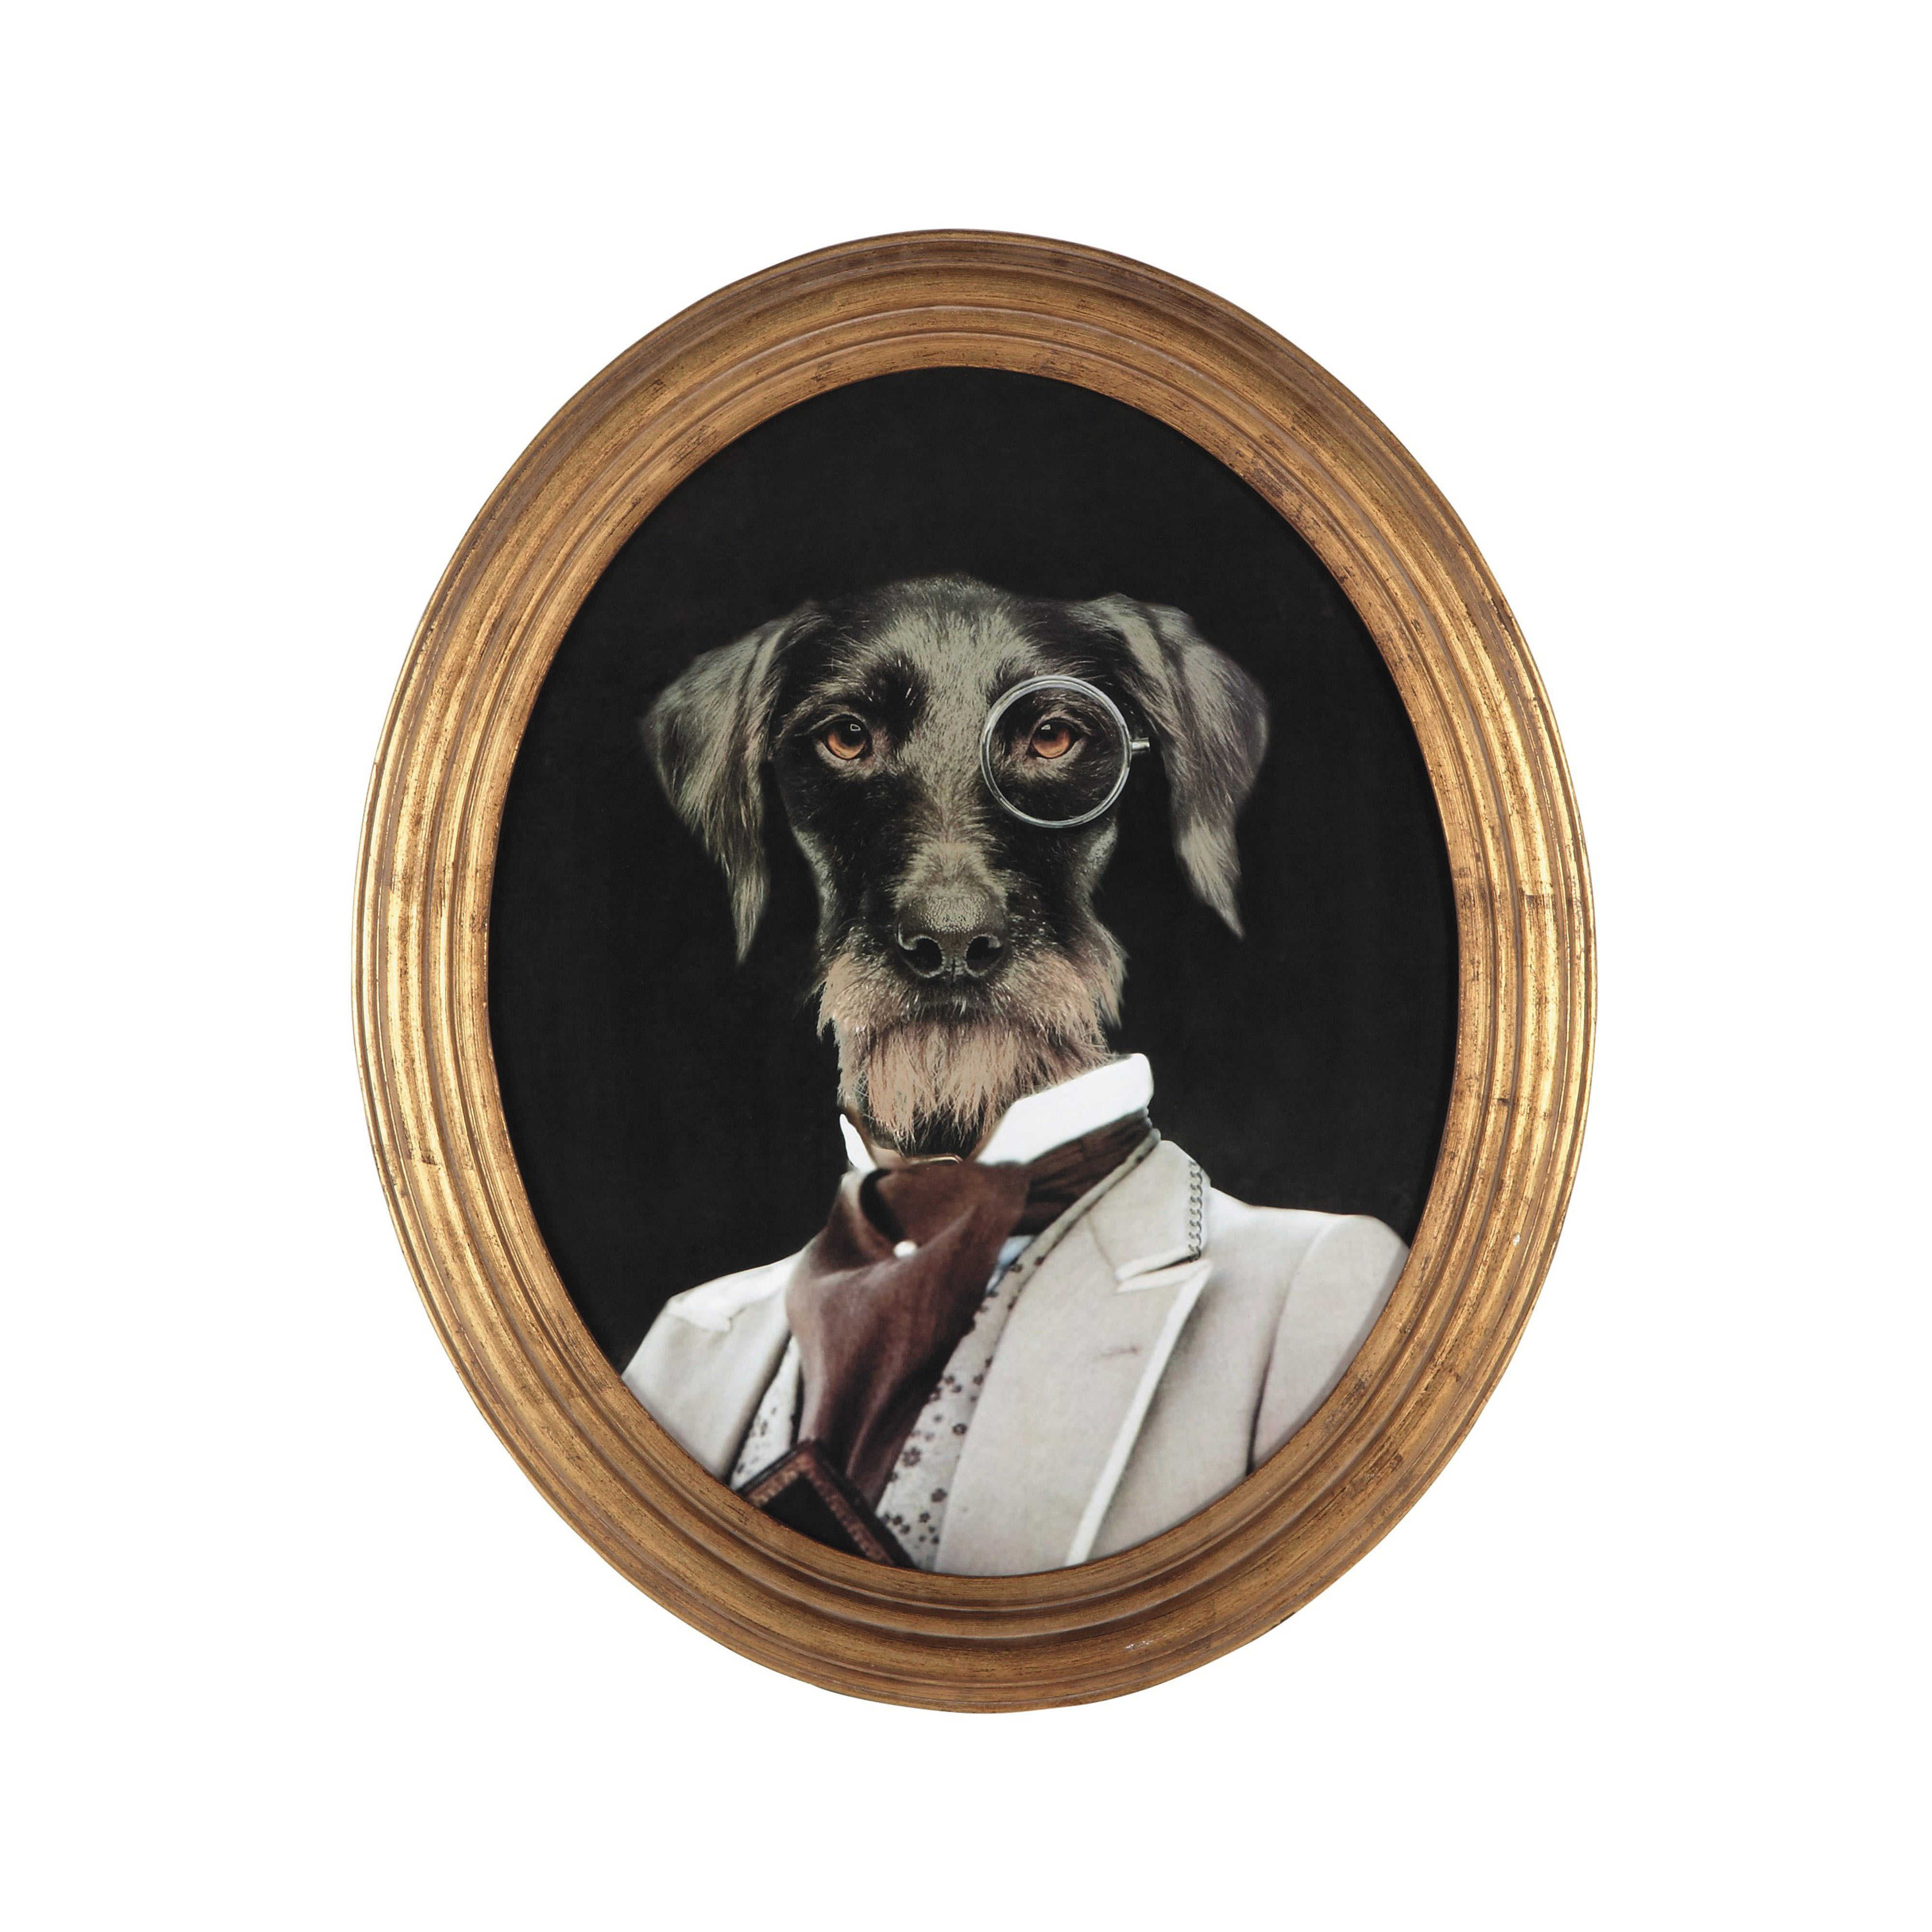 cadre d co chien en bois 53 x 64 cm oscar toilets pinterest cadre deco cadres et en bois. Black Bedroom Furniture Sets. Home Design Ideas